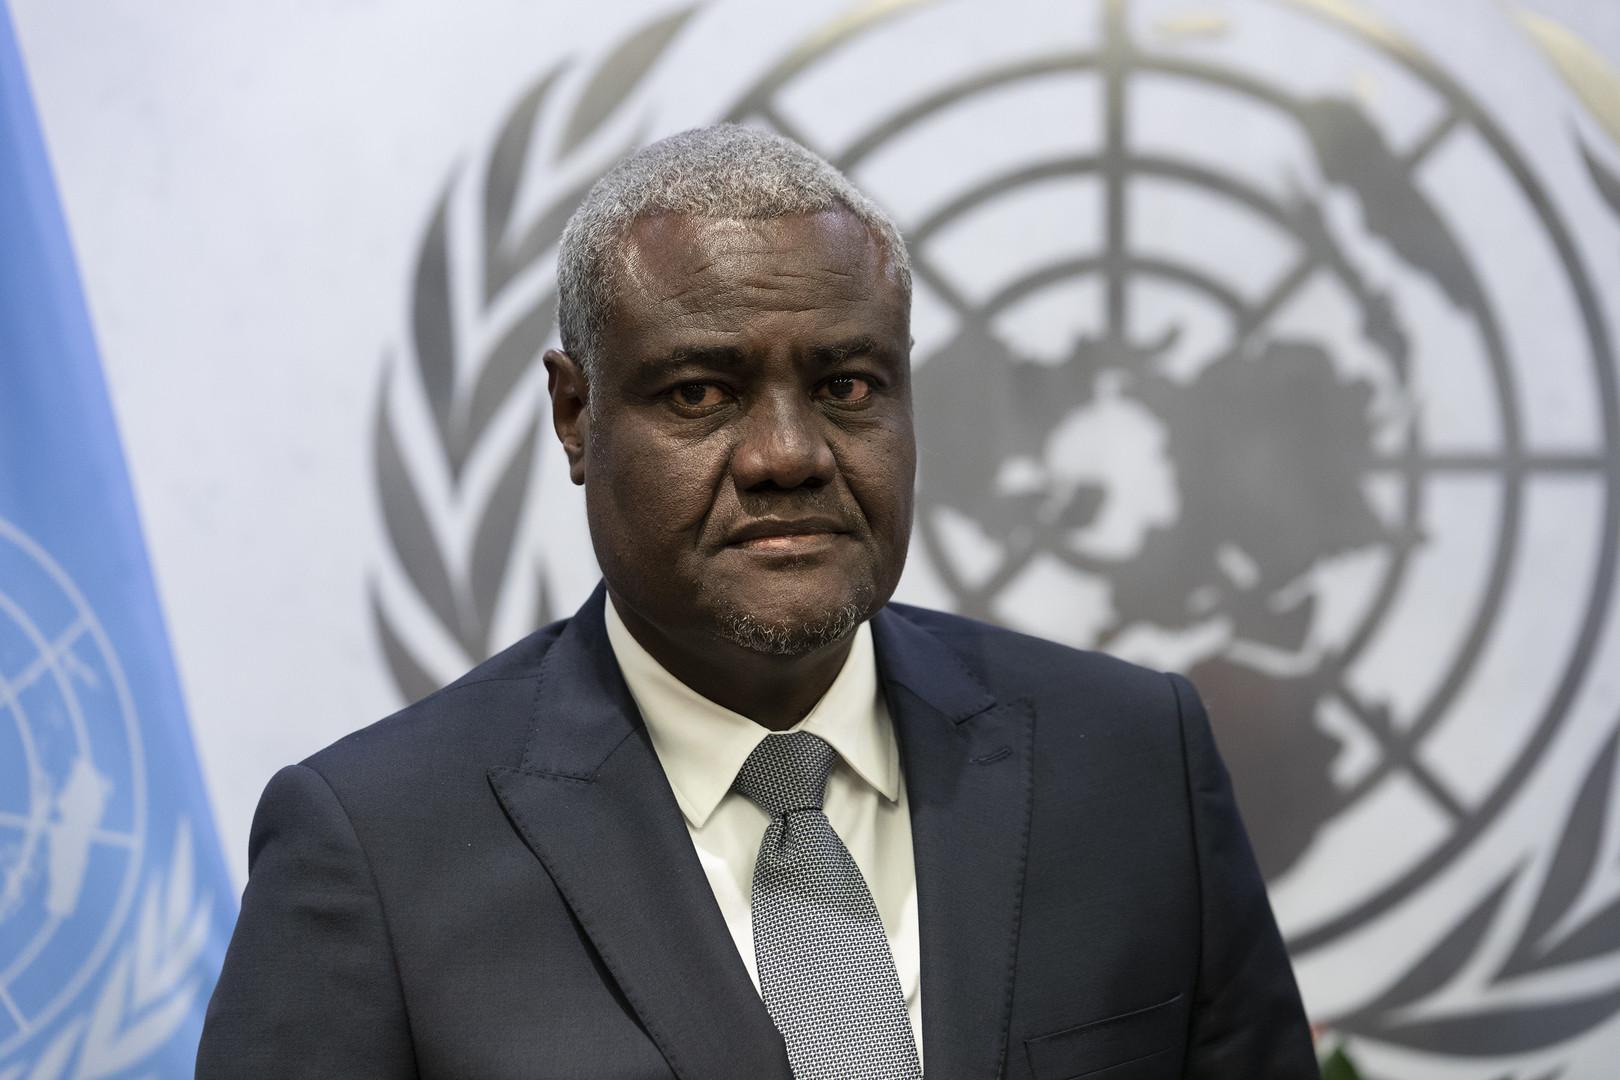 رئيس مفوضية الاتحاد الإفريقي يلتقي رئيس المجلس العسكري الانتقالي السوداني